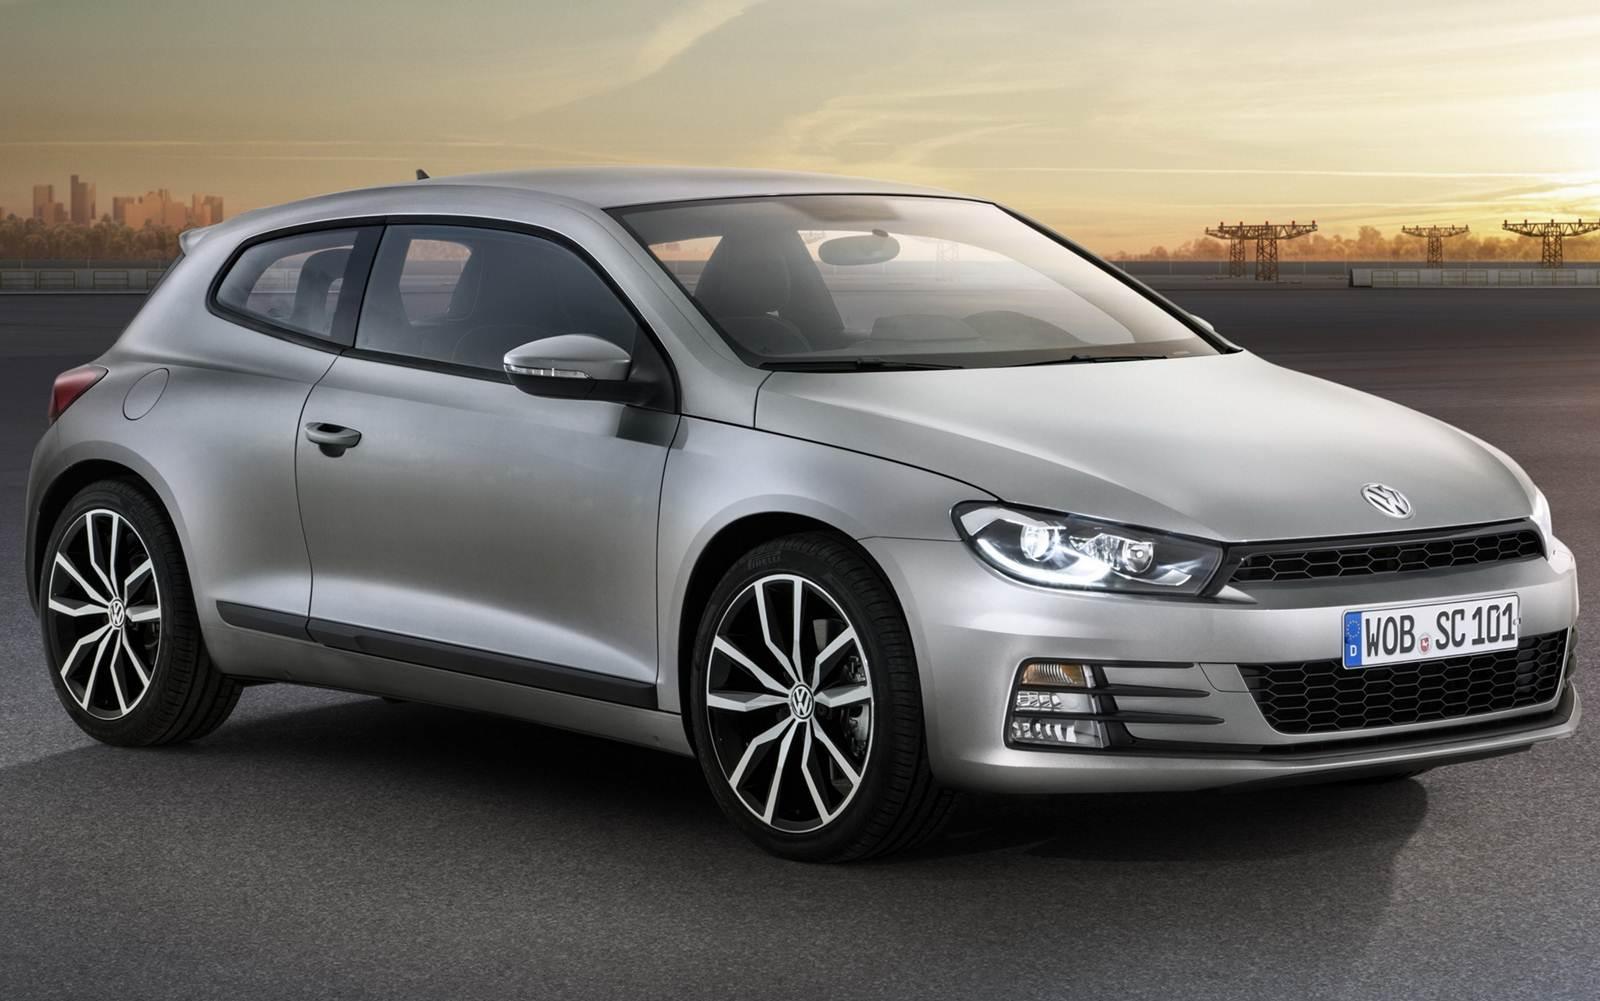 VW Scirocco 2017